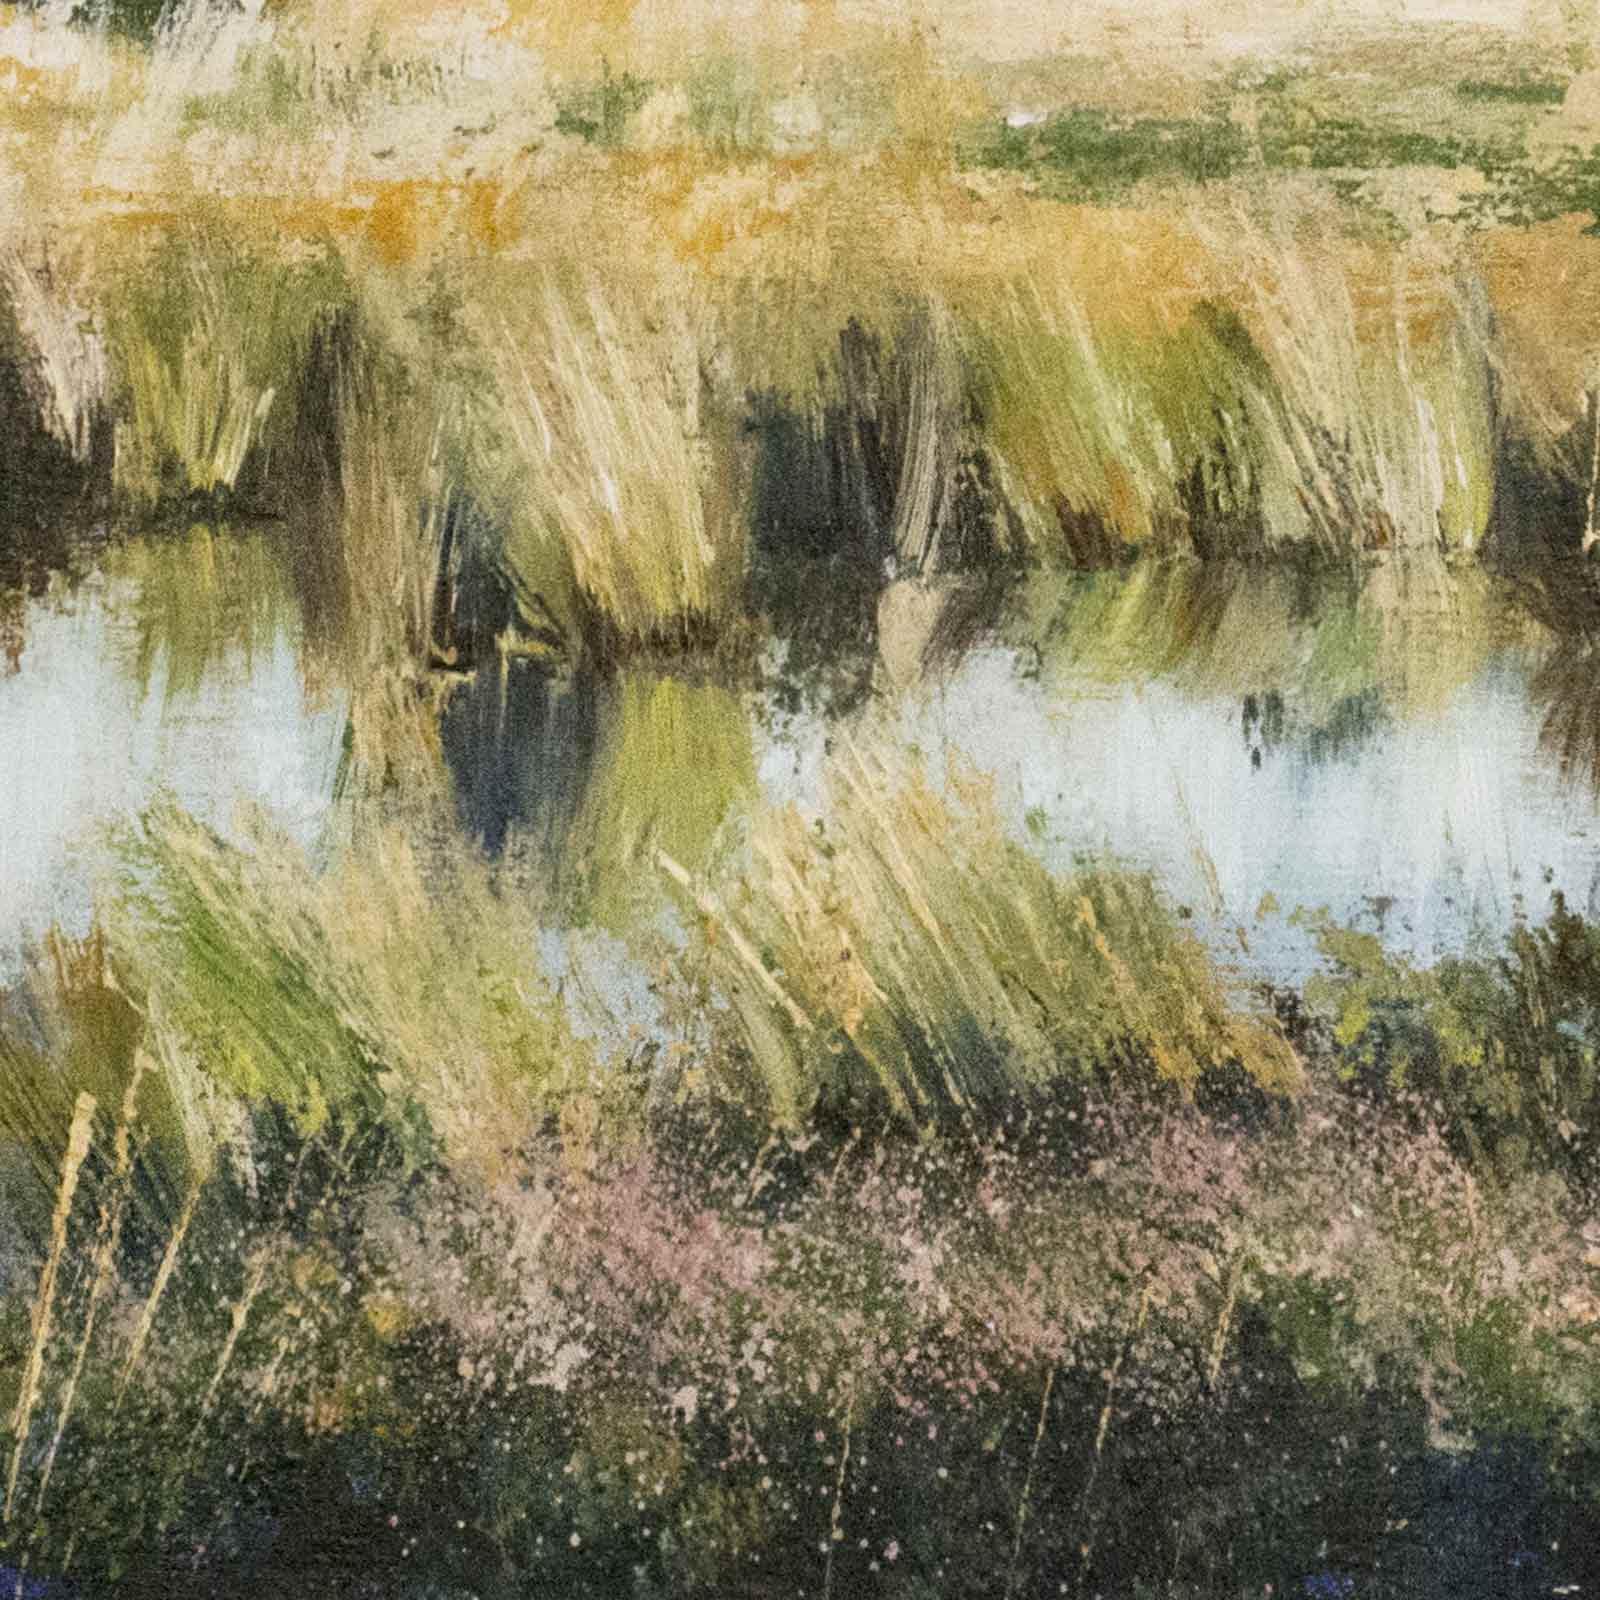 Golden Hour, Dragonfly Pond